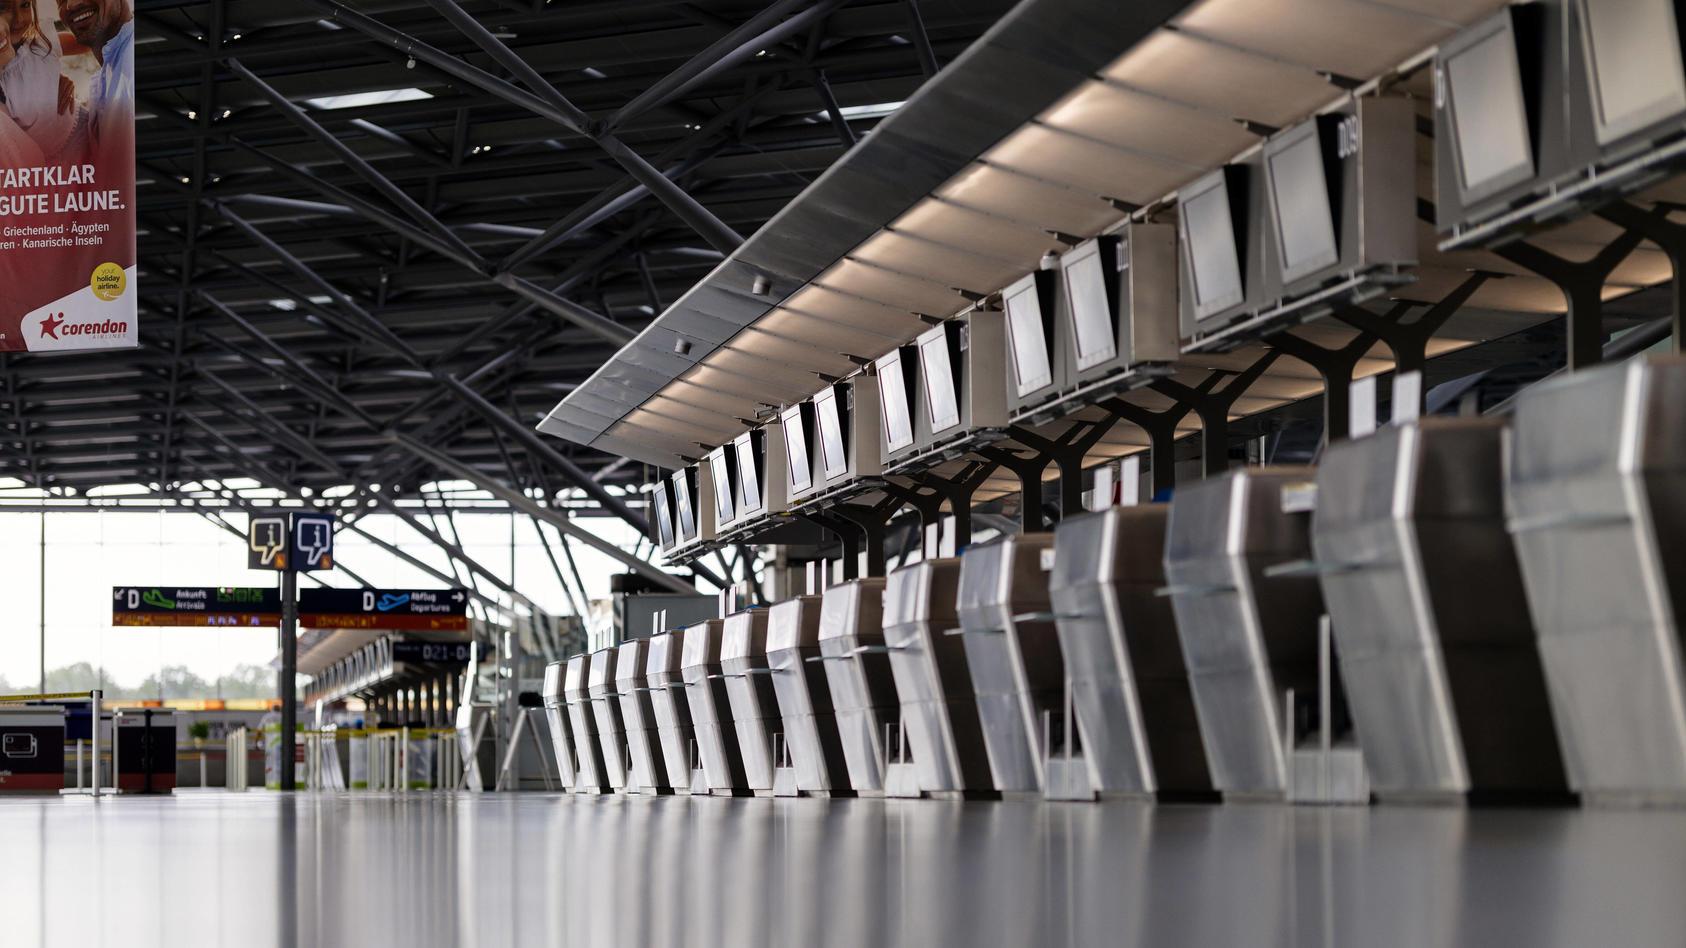 Impression vom menschenleeren Köln Bonn Airport,: Wegen der geltenden Reisewarnung fallen die meisten Flüge aus.